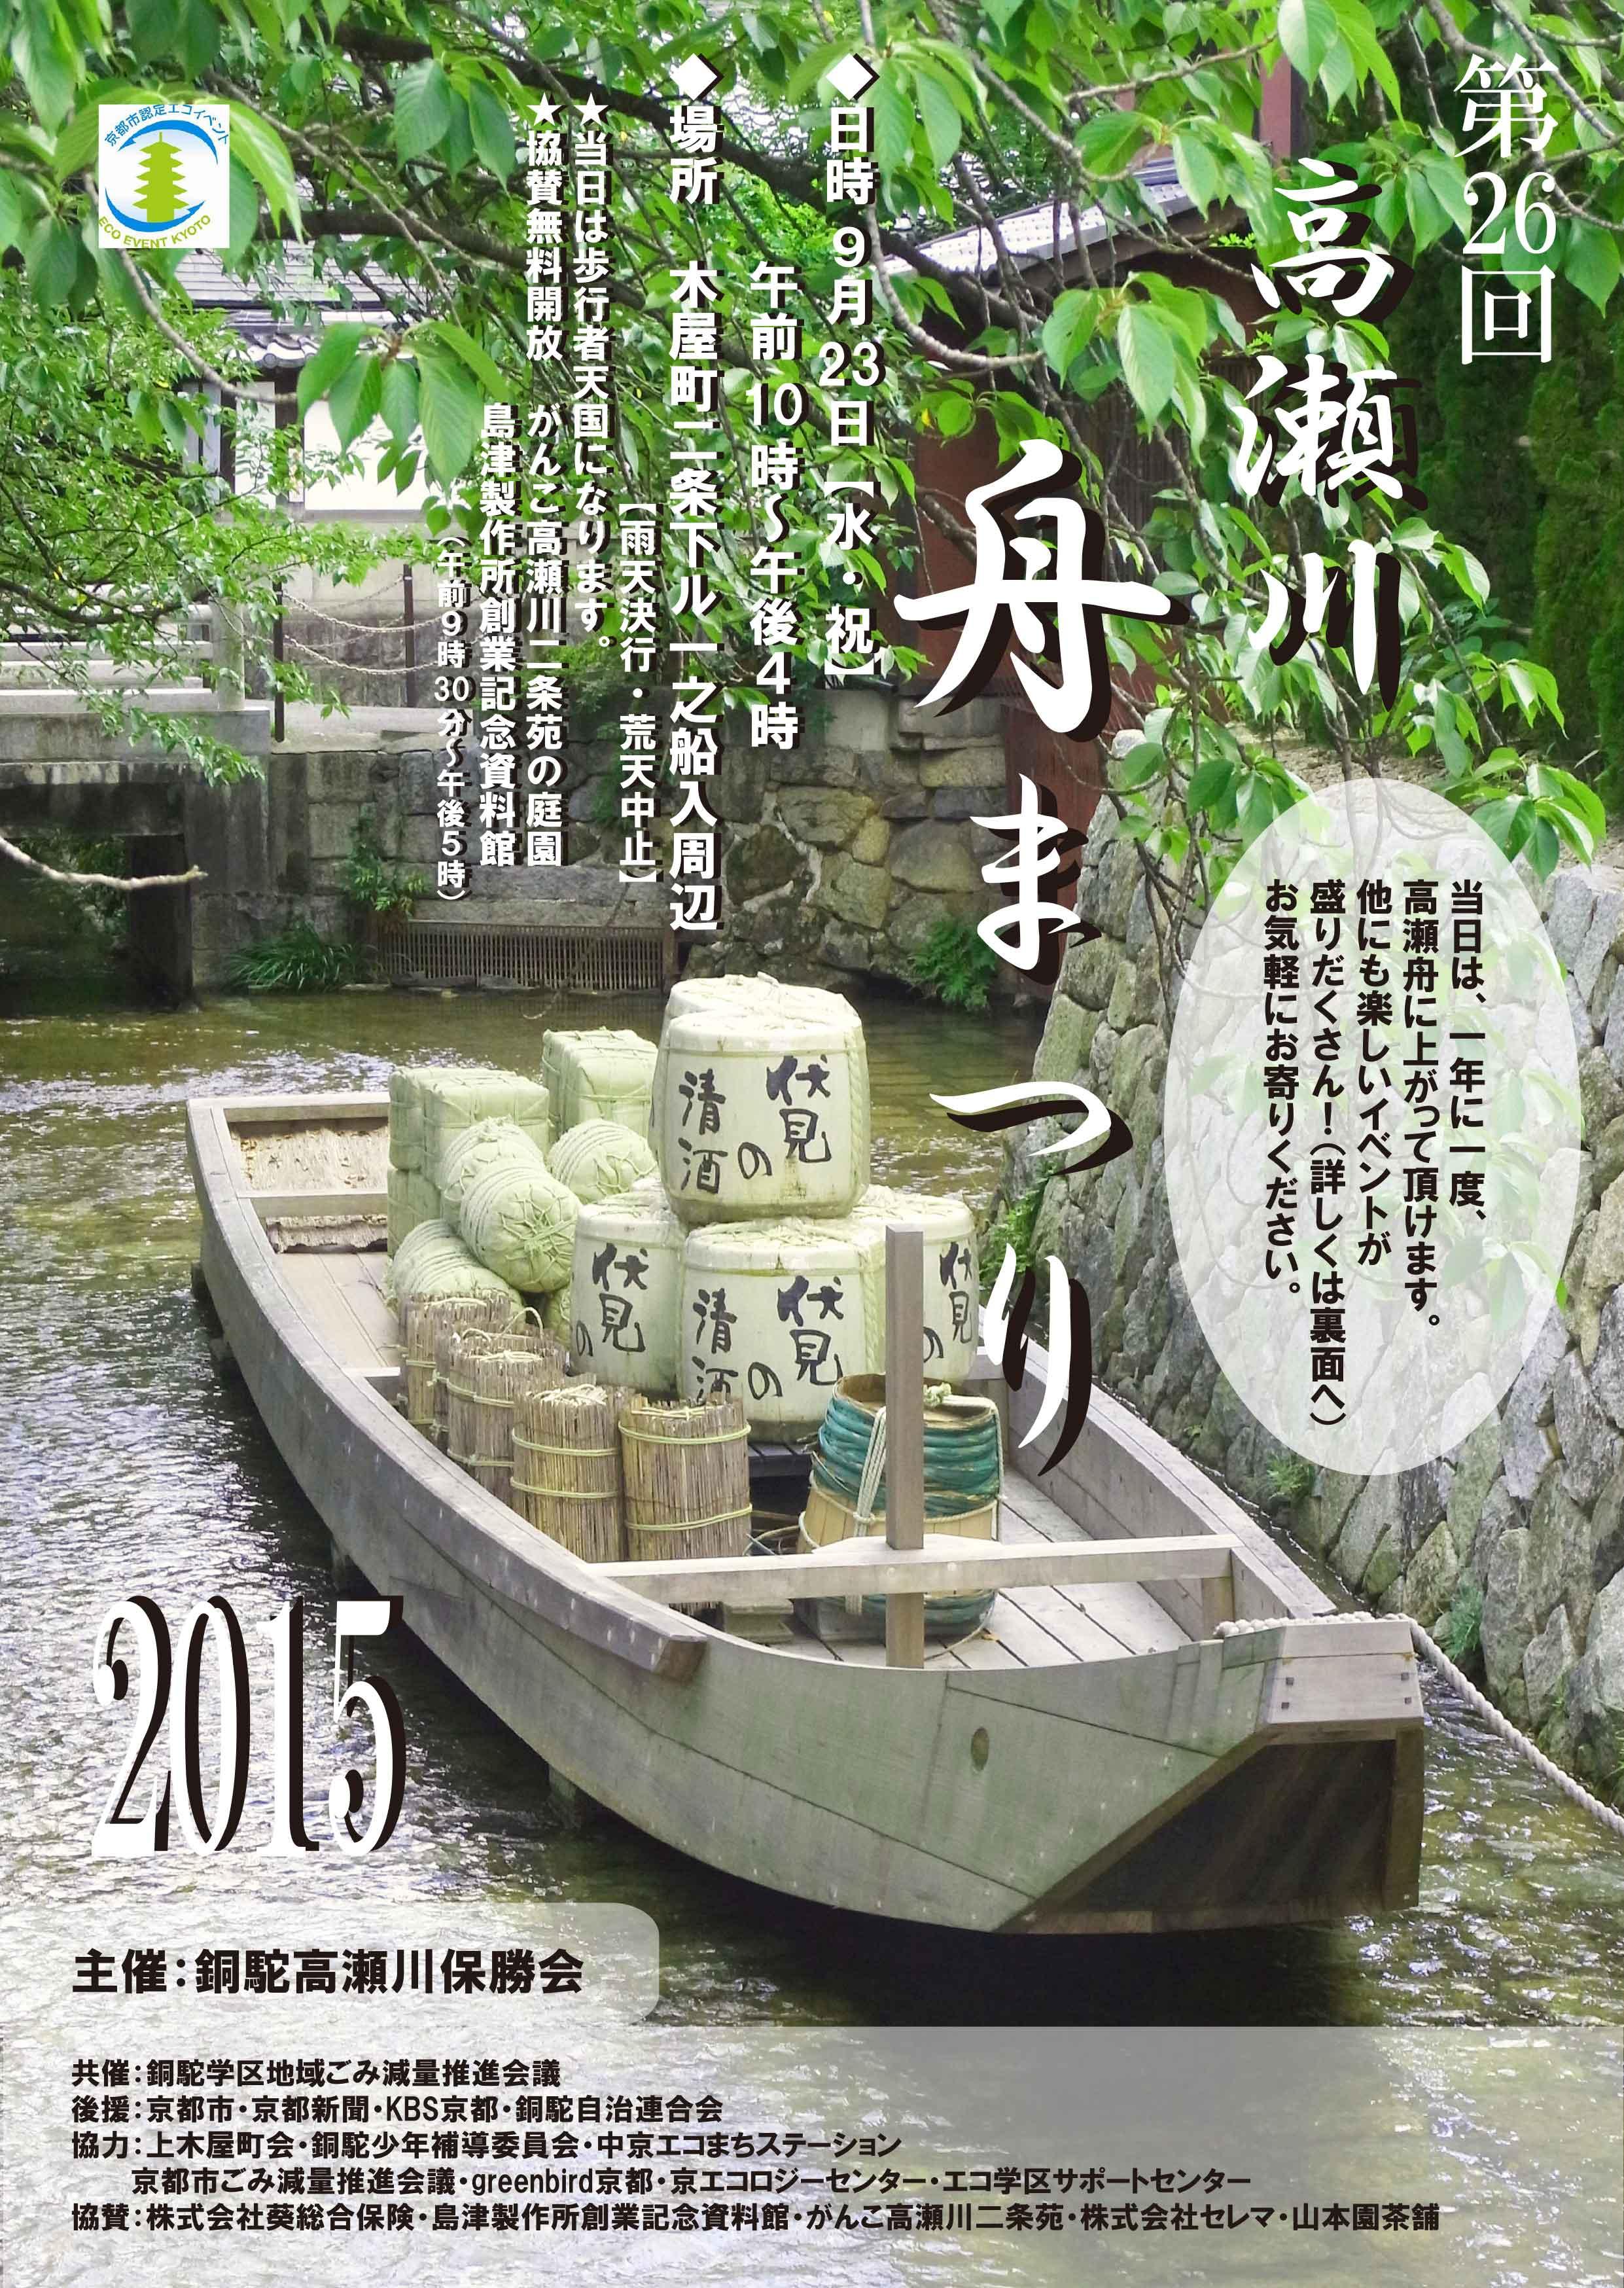 高瀬川2015チラシ表